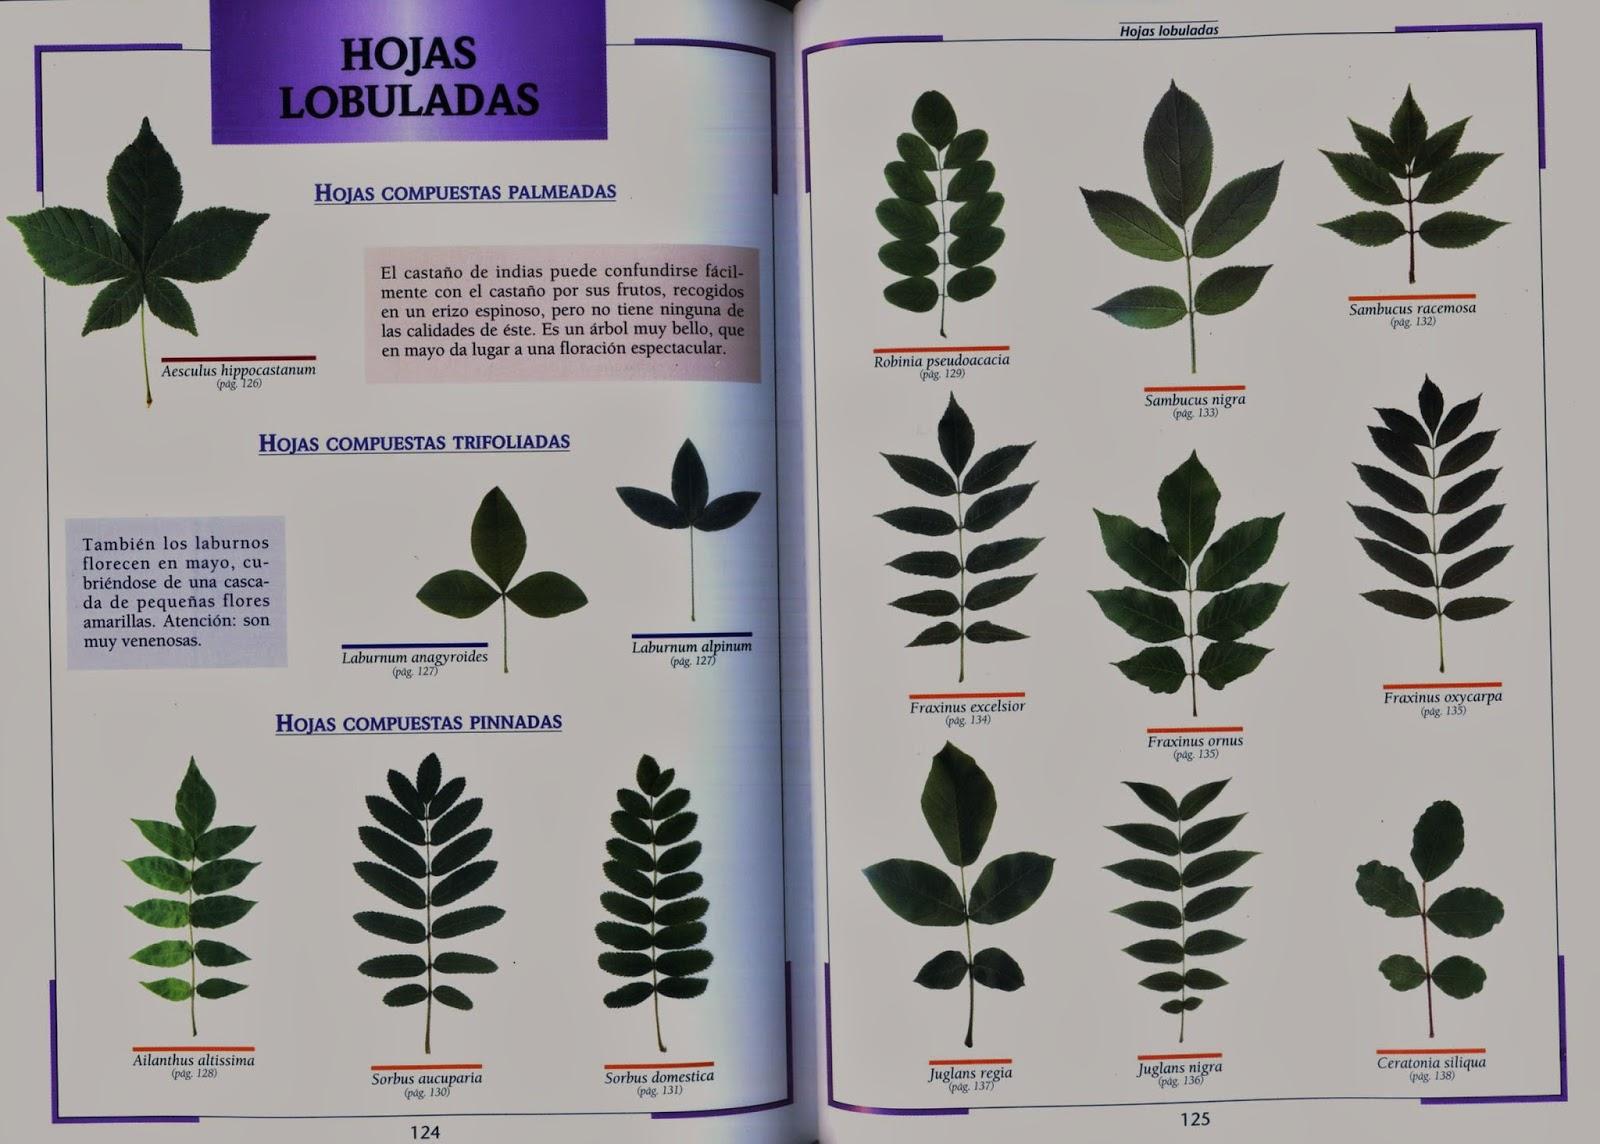 Txirpial muestrario para identificar hojas for Arboles de hoja perenne con sus nombres